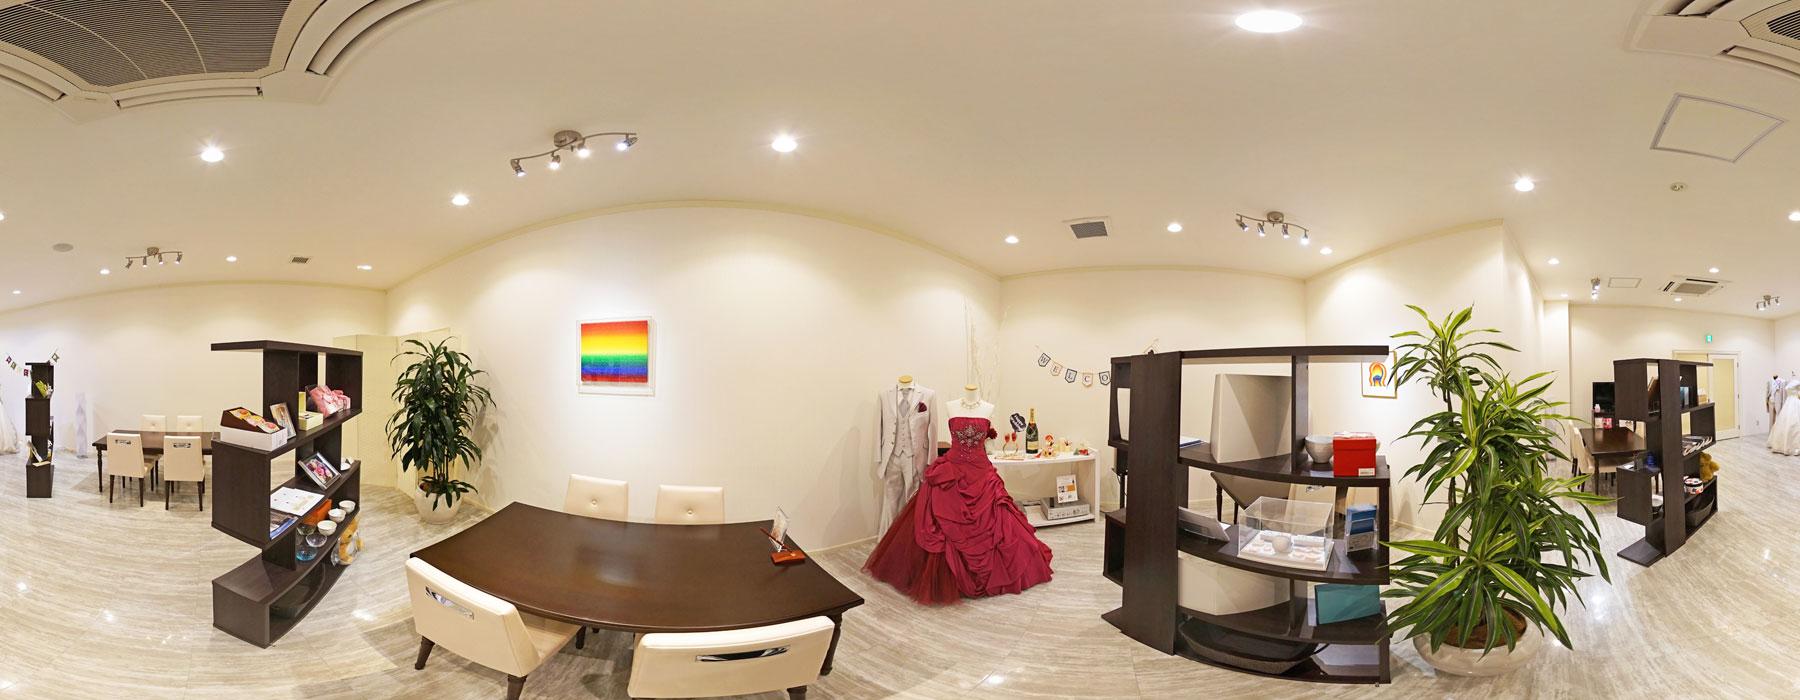 ストリートビュー・インドアビュー用の結婚式場360°パノラマ写真